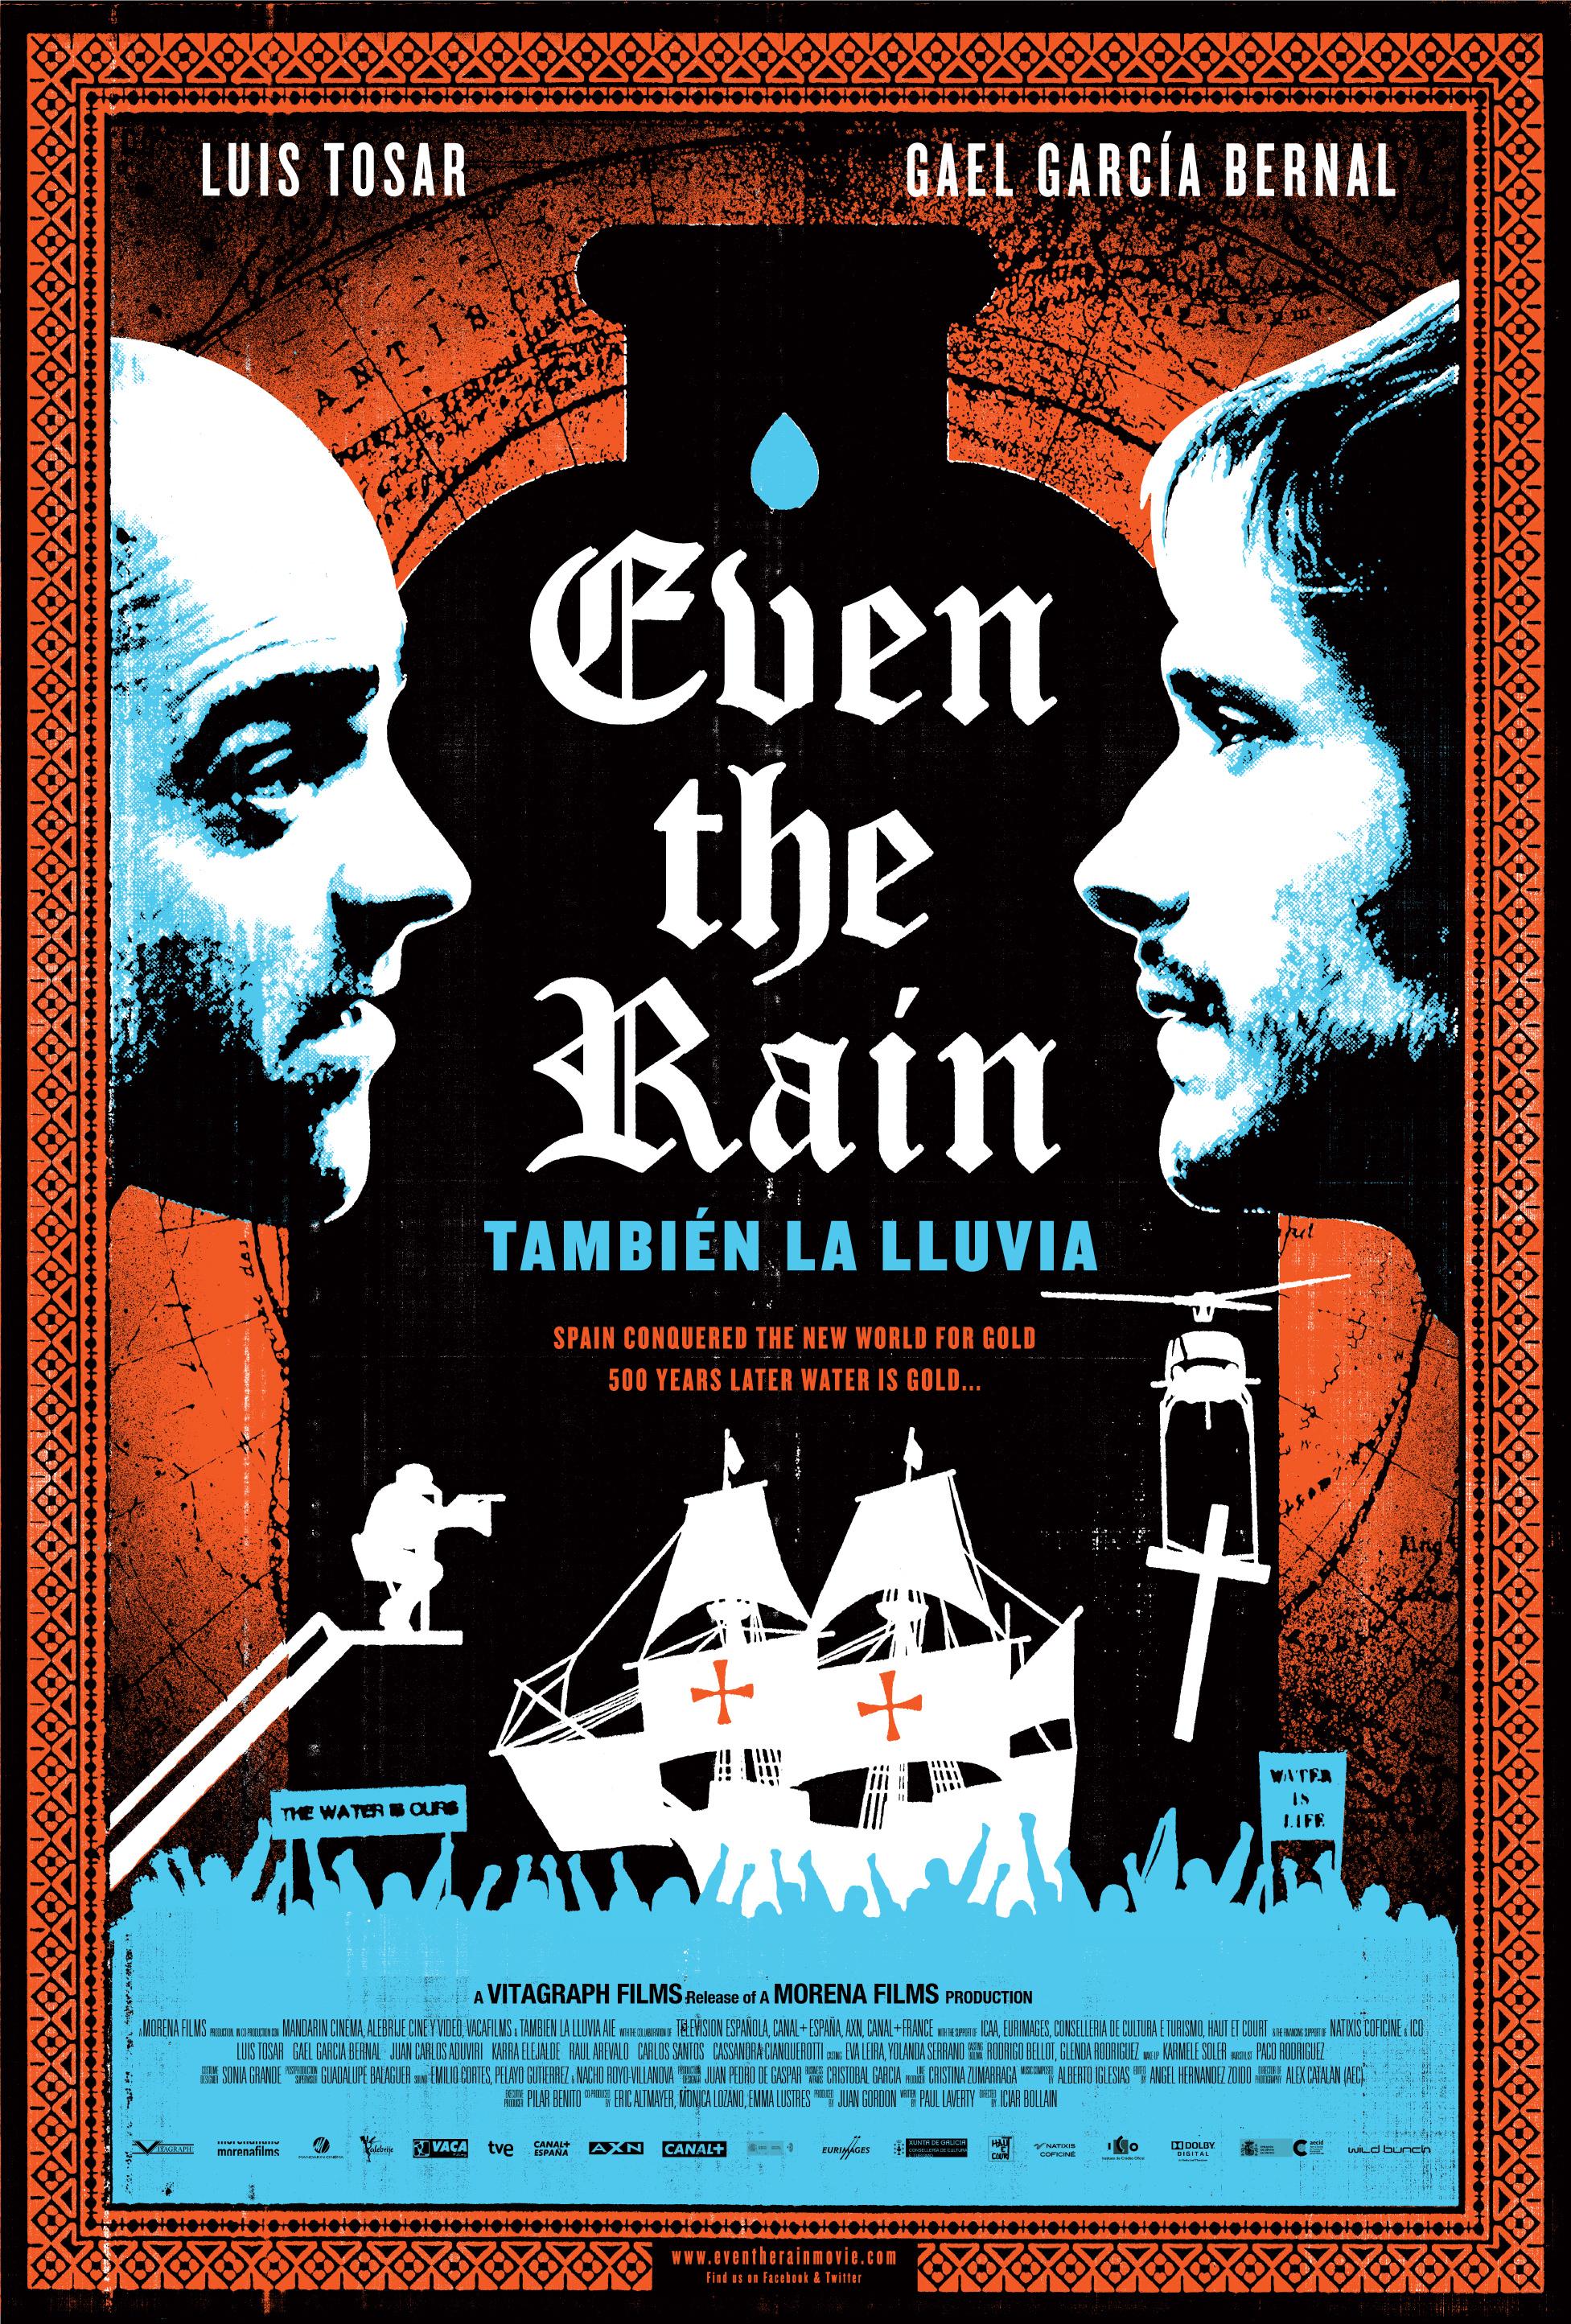 Movie poster for the film, También la lluvia